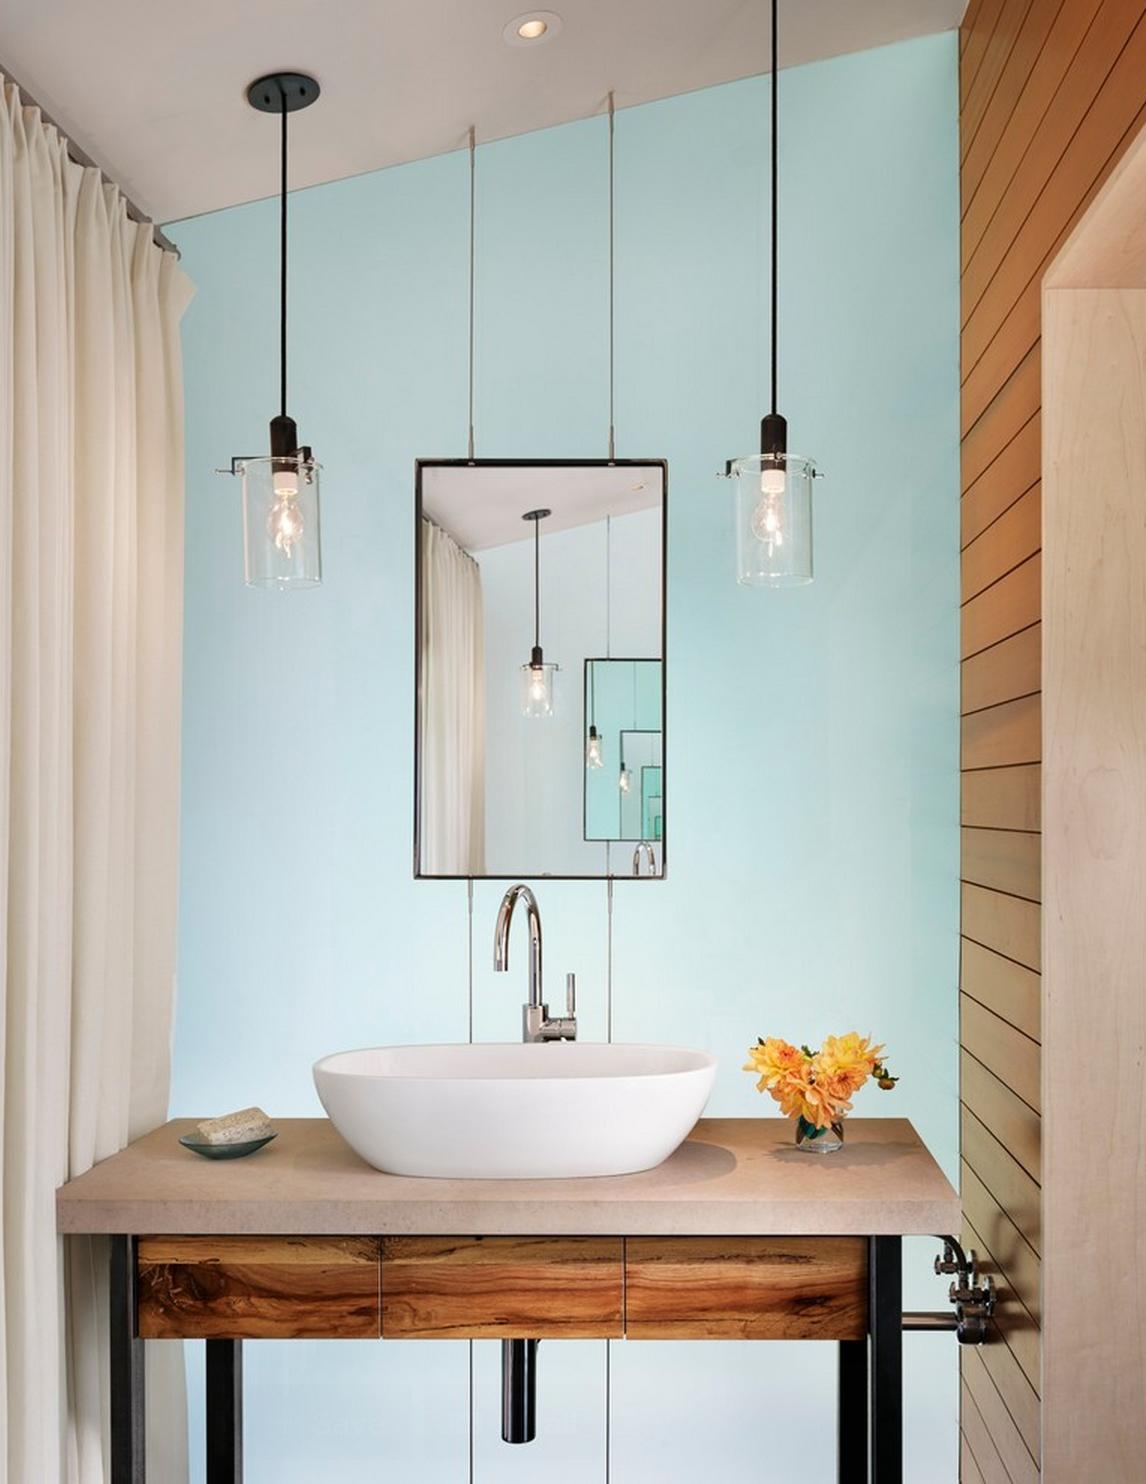 decorar lavabos redondos : decorar lavabos redondos:Os lavabos estão cada vez mais pequenos, mas bem por isso, com tão